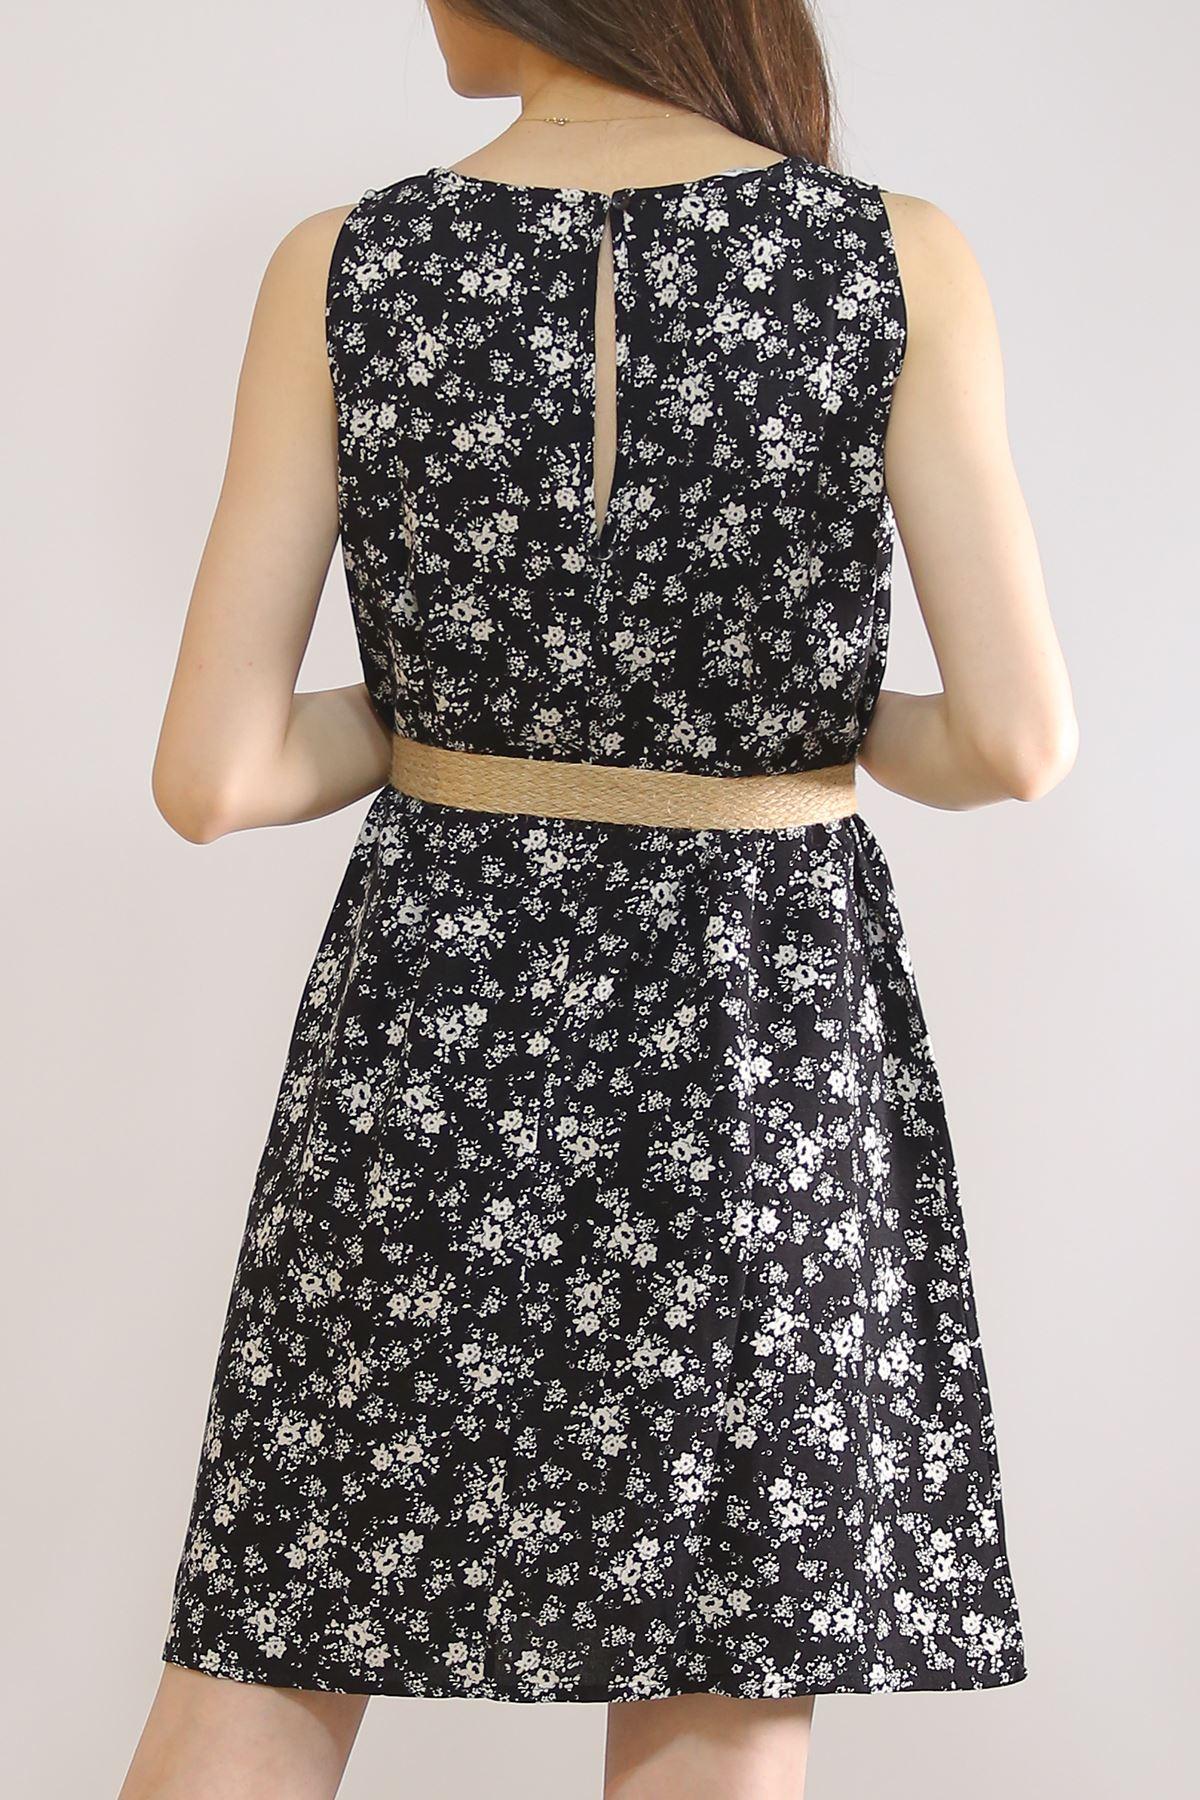 Sıfır Kol Keten Elbise Siyahçiçekli - 5841.128.